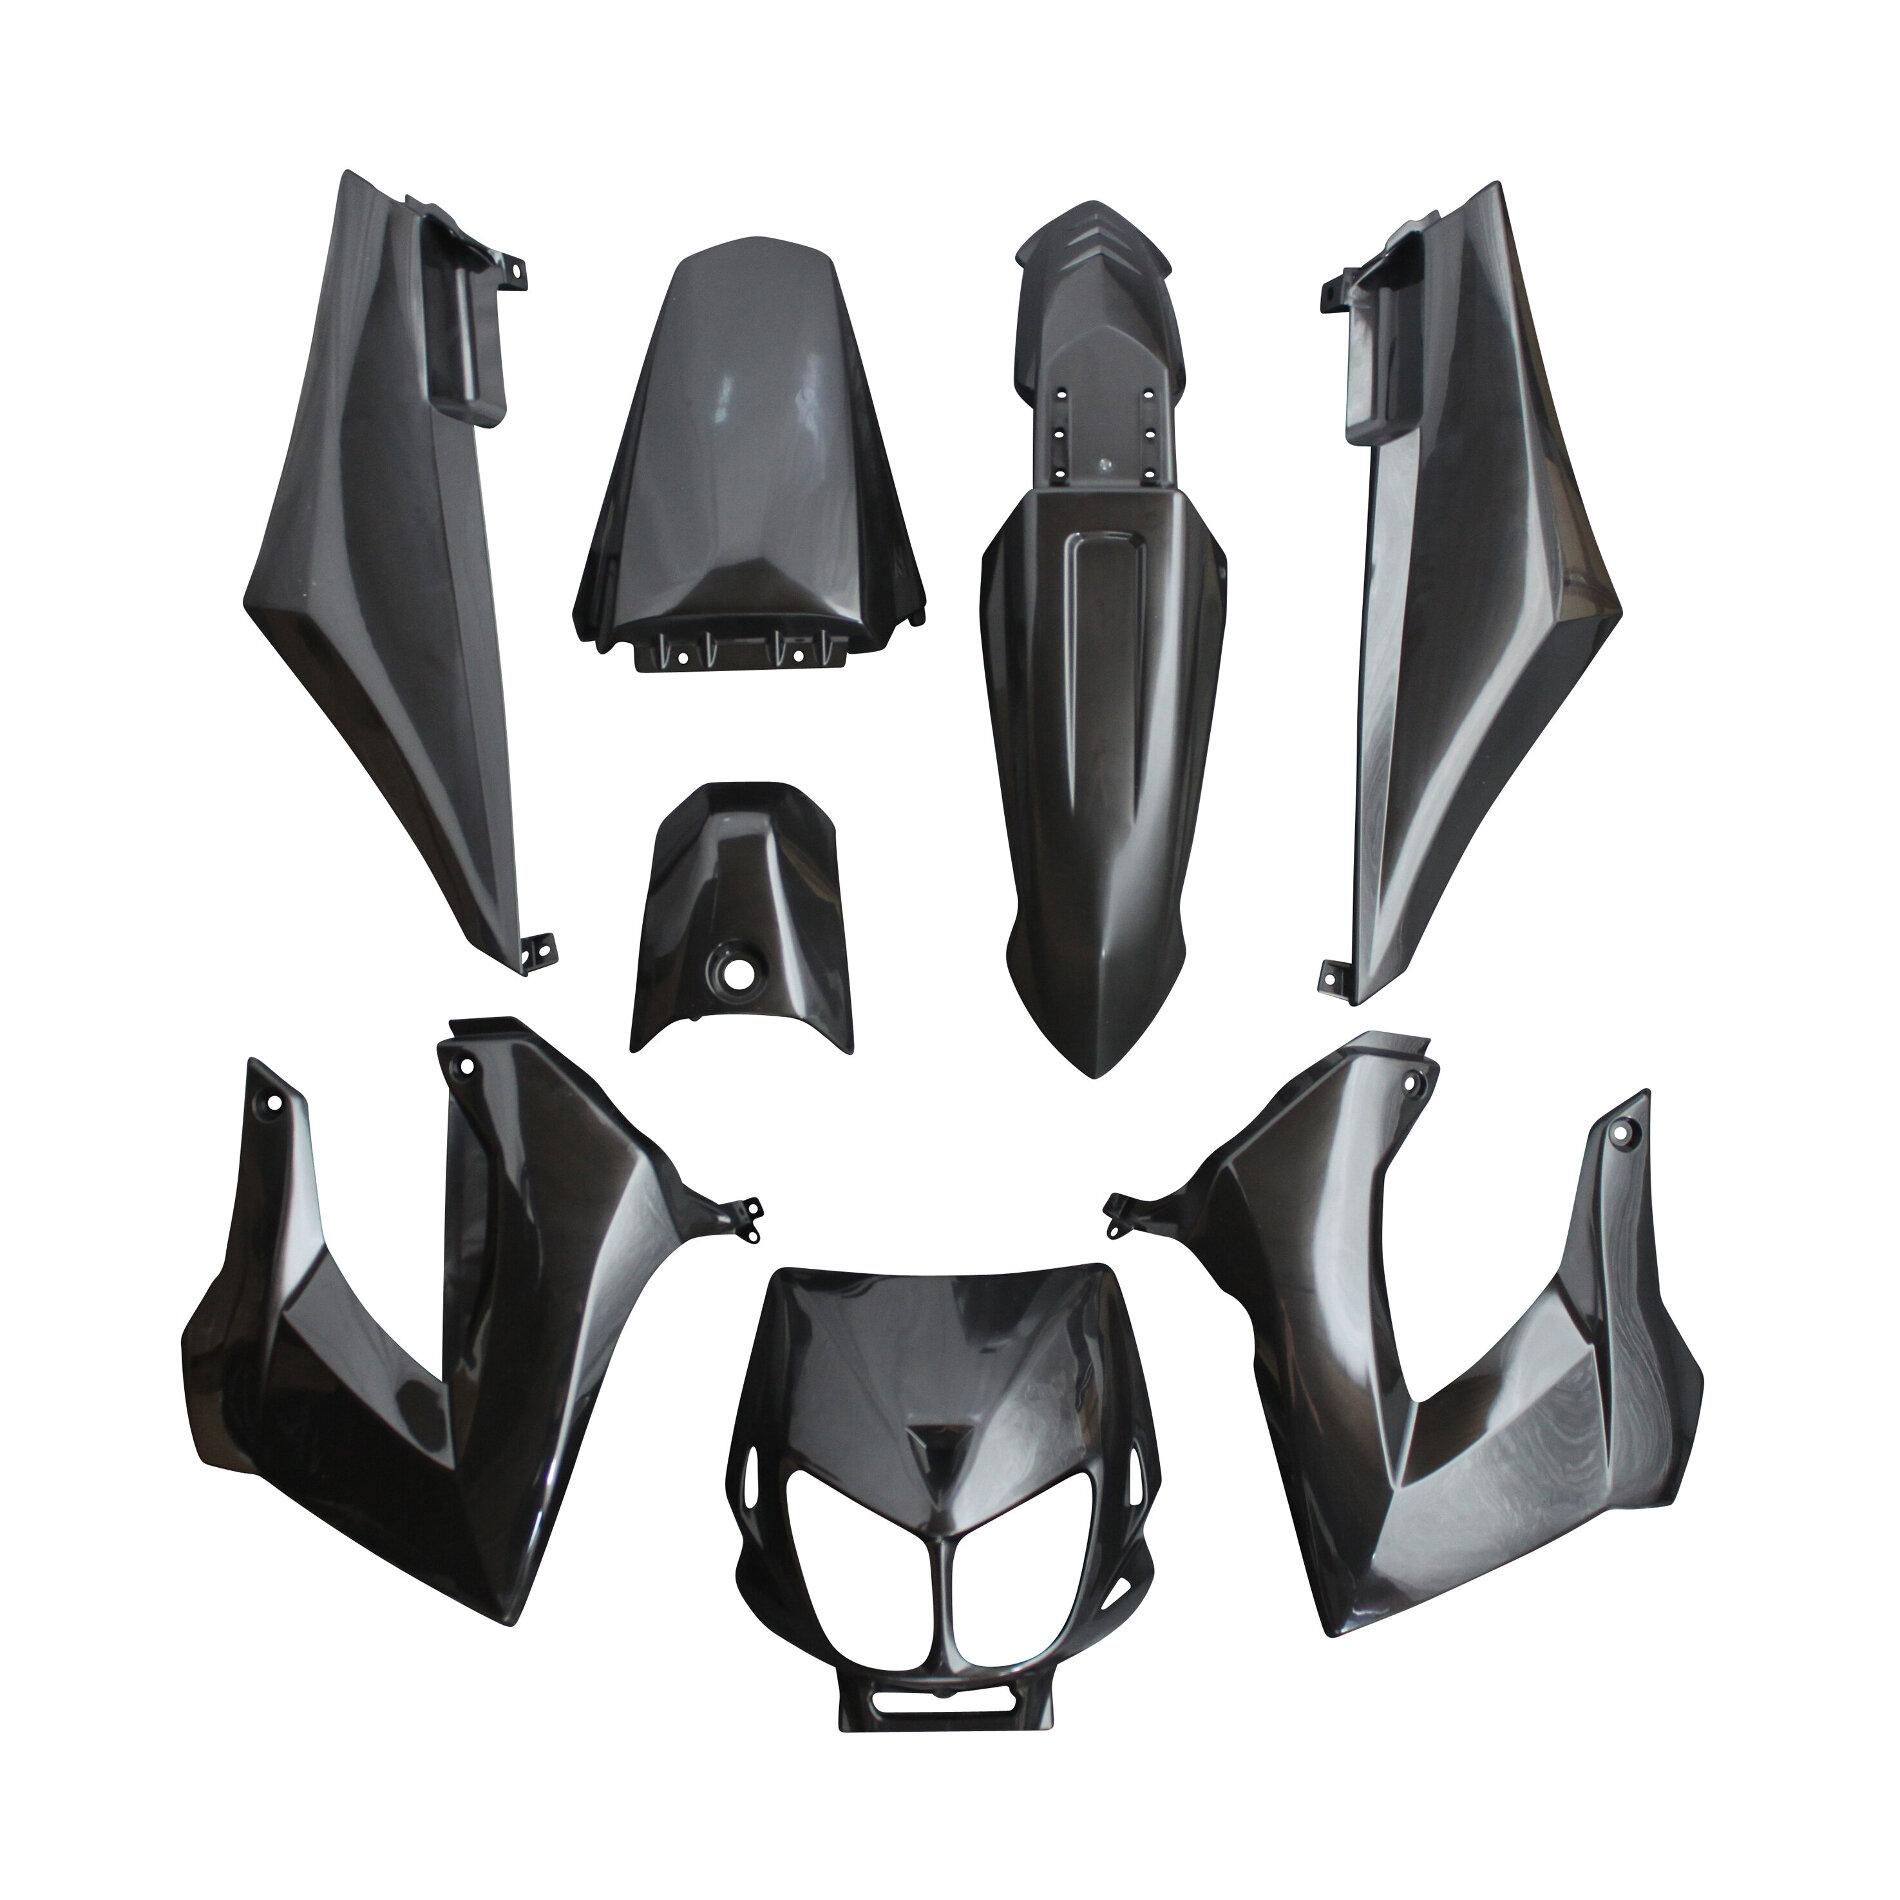 Kit carrosserie 8 pièces noir brillant adaptable senda drd x-treme/x-r